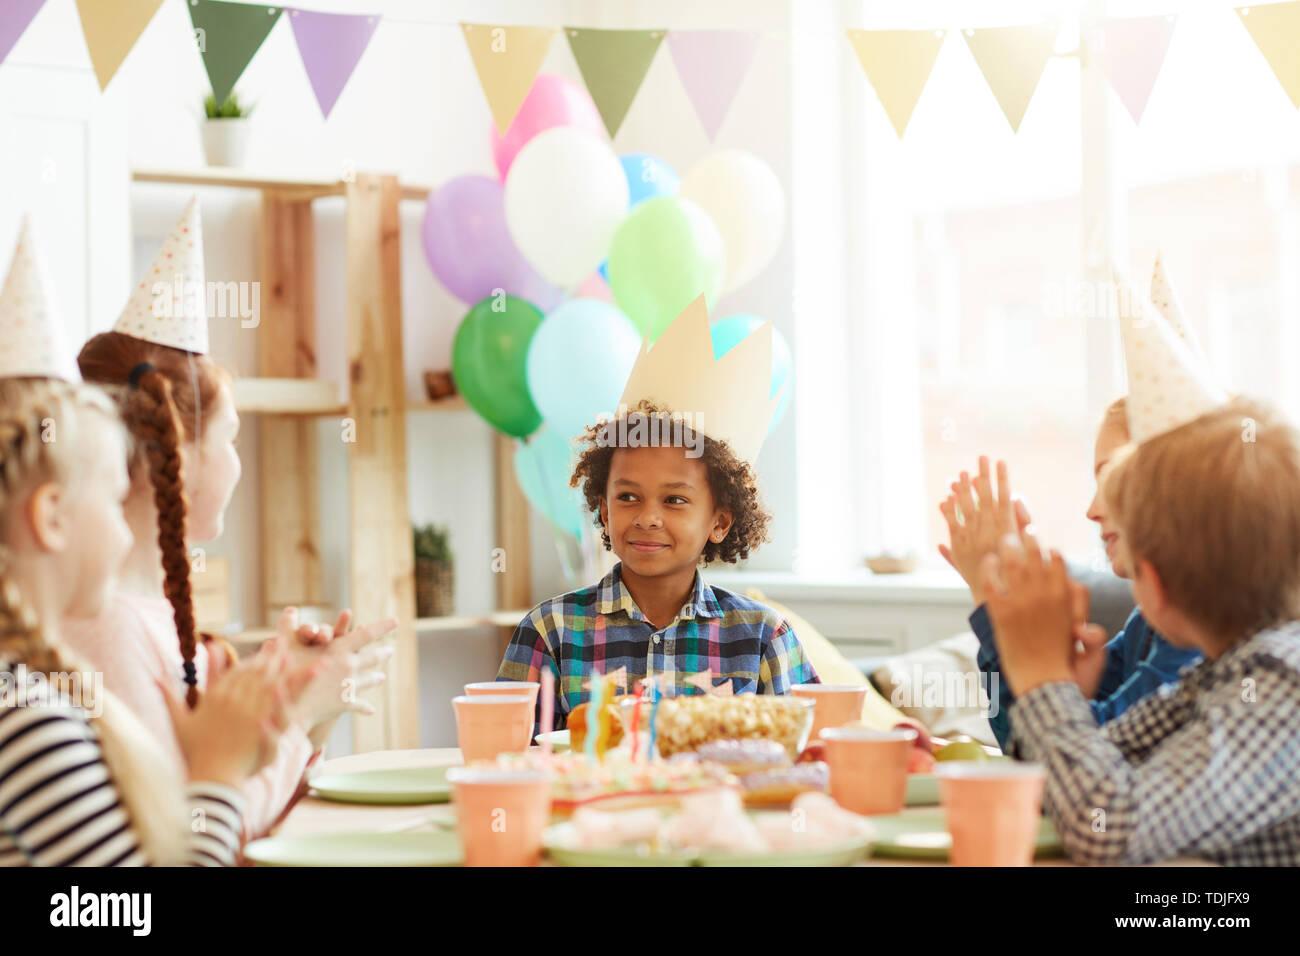 Retrato de afroamericanos sonriente niño usando crown sentado en la tabla mientras celebrando un cumpleaños con amigos, espacio de copia Foto de stock